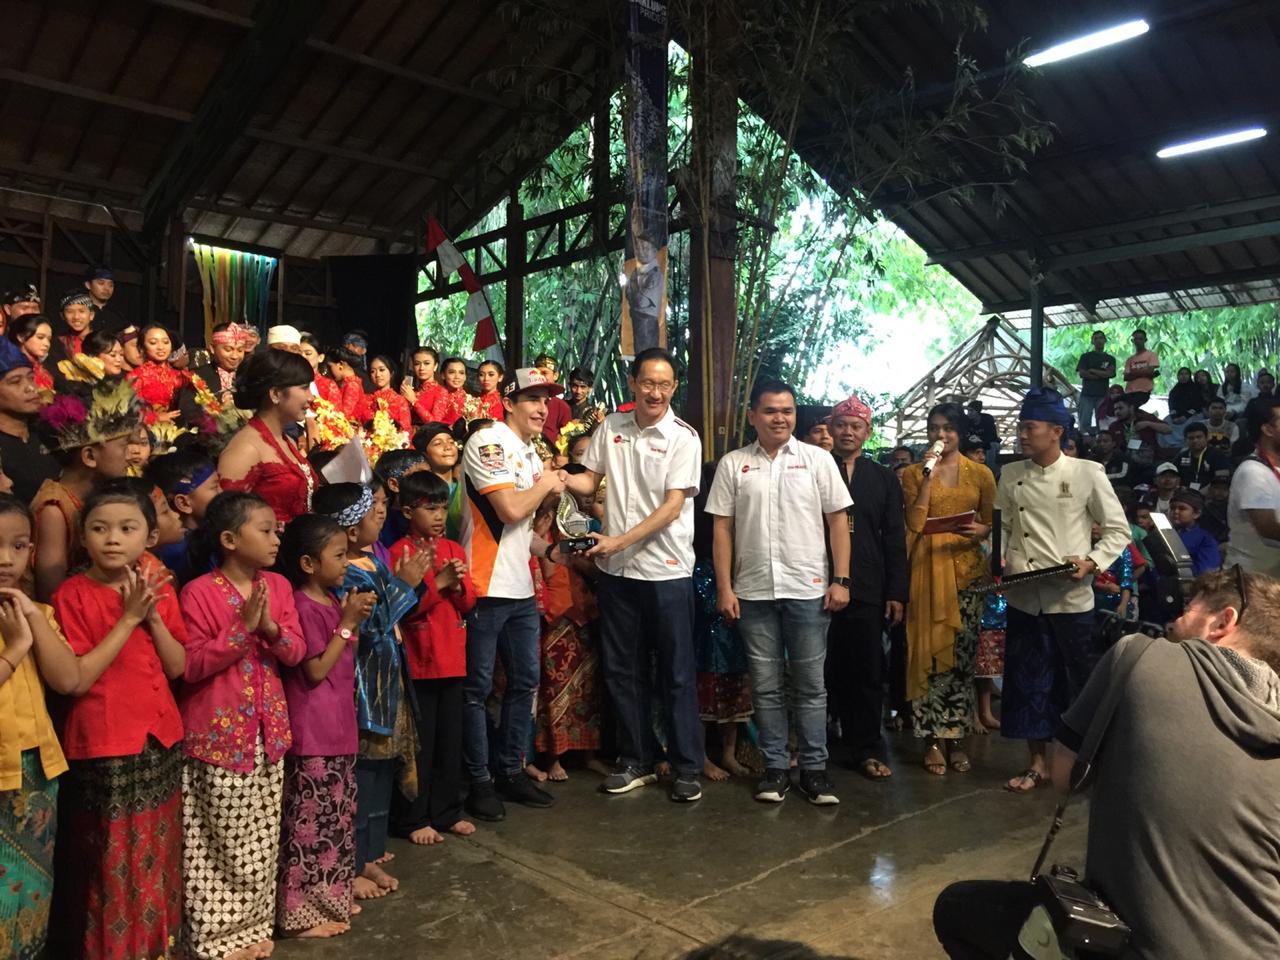 Marc Marquez menikmati alunan Angklung di Bandung brosis…bahkan sampai joget riang gembira (2)